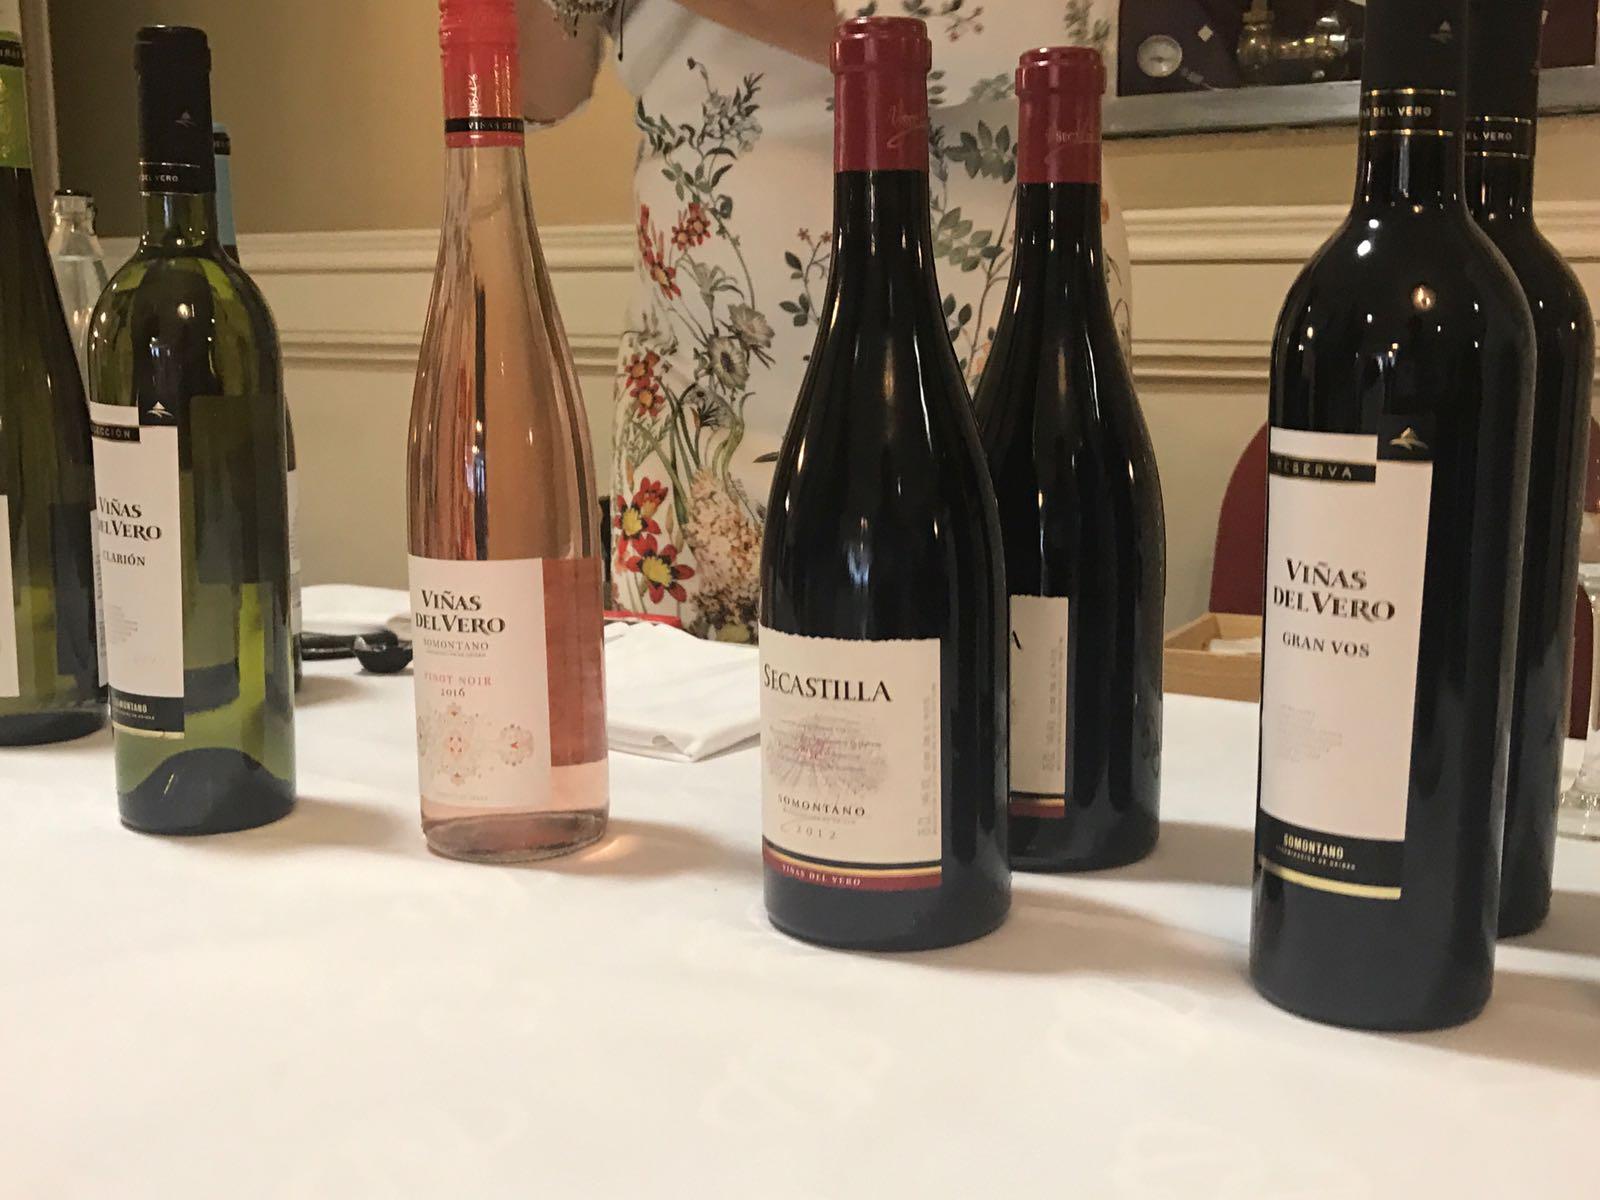 Secastilla elegido como mejor vino tinto español en el International Wine Challenge 1